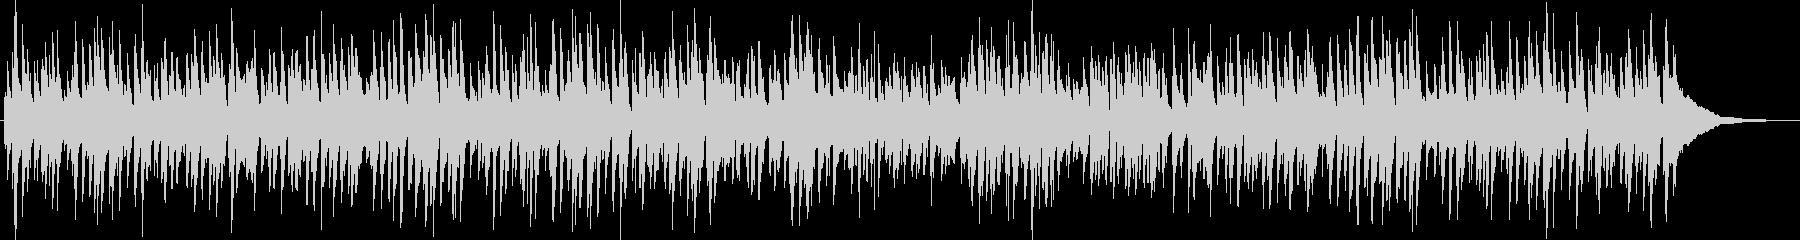 ピアノとギターのまったりボサノバの未再生の波形